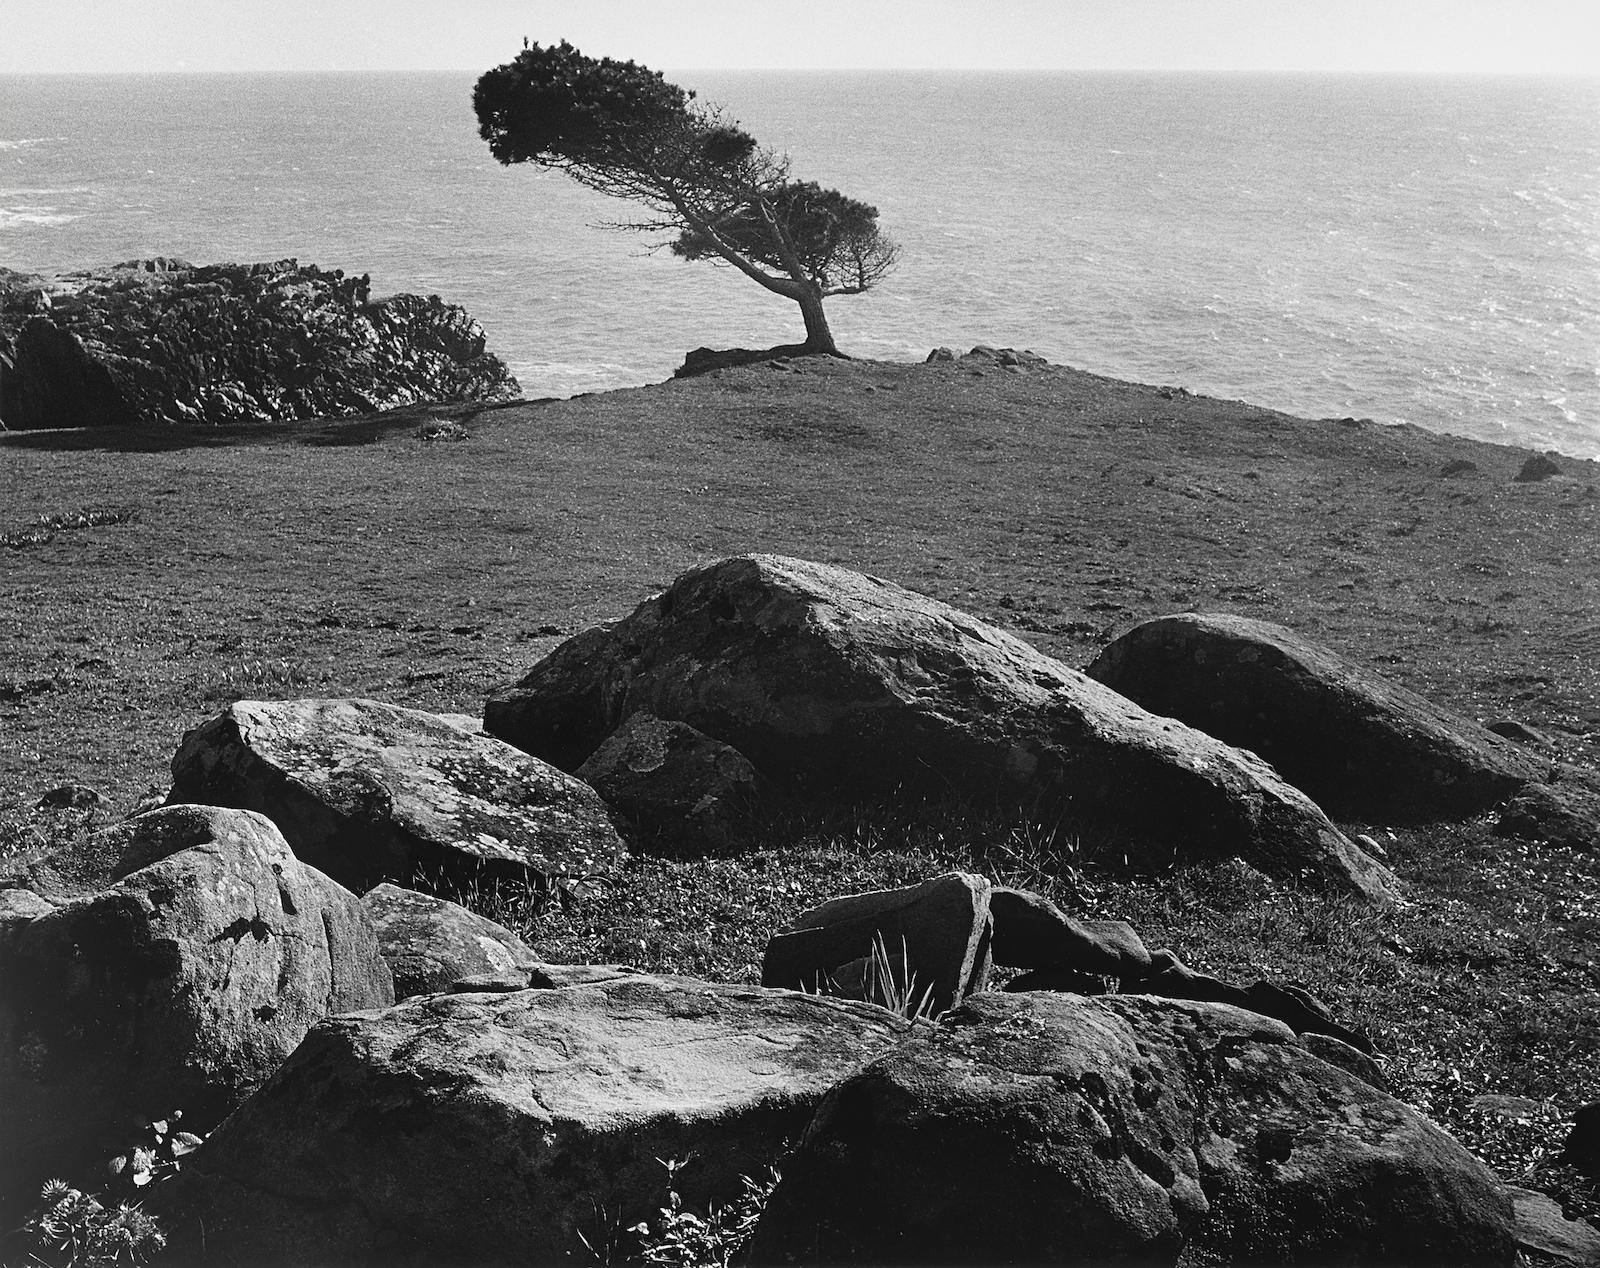 Ansel Adams-At Timber Cove, North Coast, California-1960